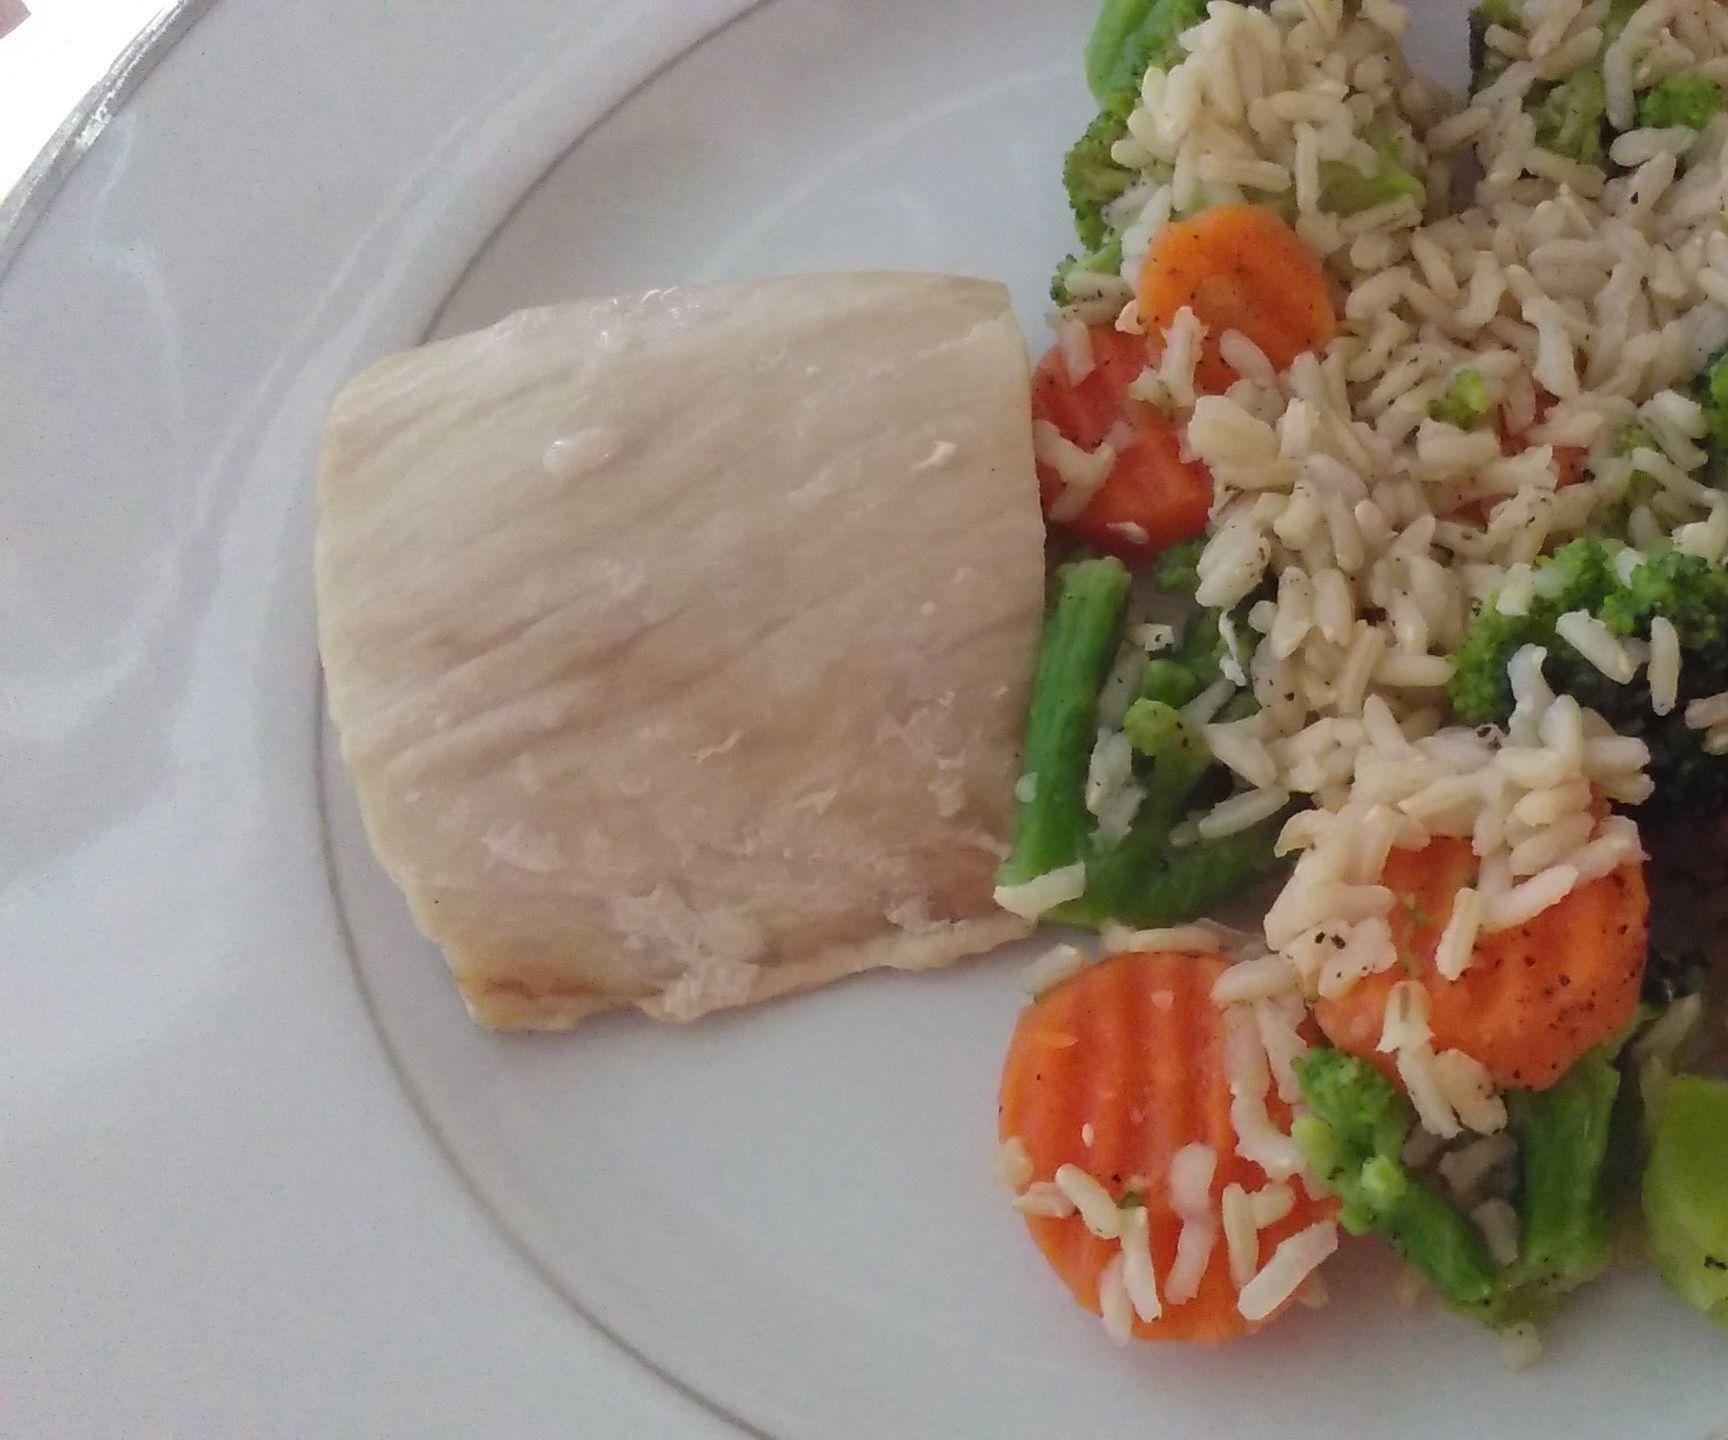 Mahimahi With Brown Rice and Vegetables